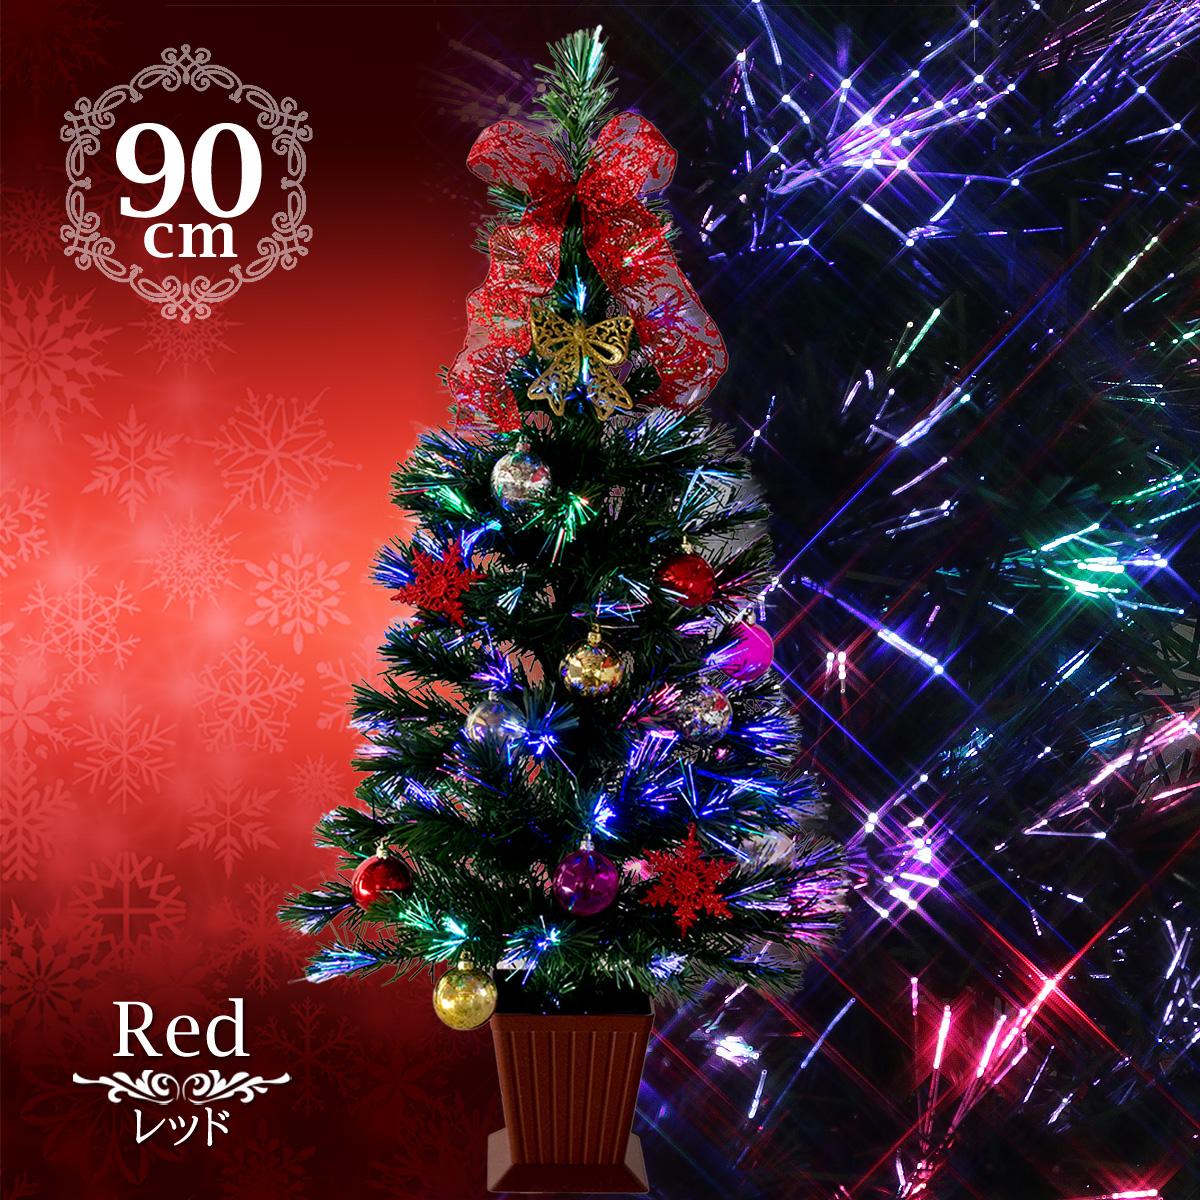 クリスマスツリー ファイバー セットツリー 90cm ポット付 Moda レッド LED ファイバーツリー 卓上 おしゃれ 北欧